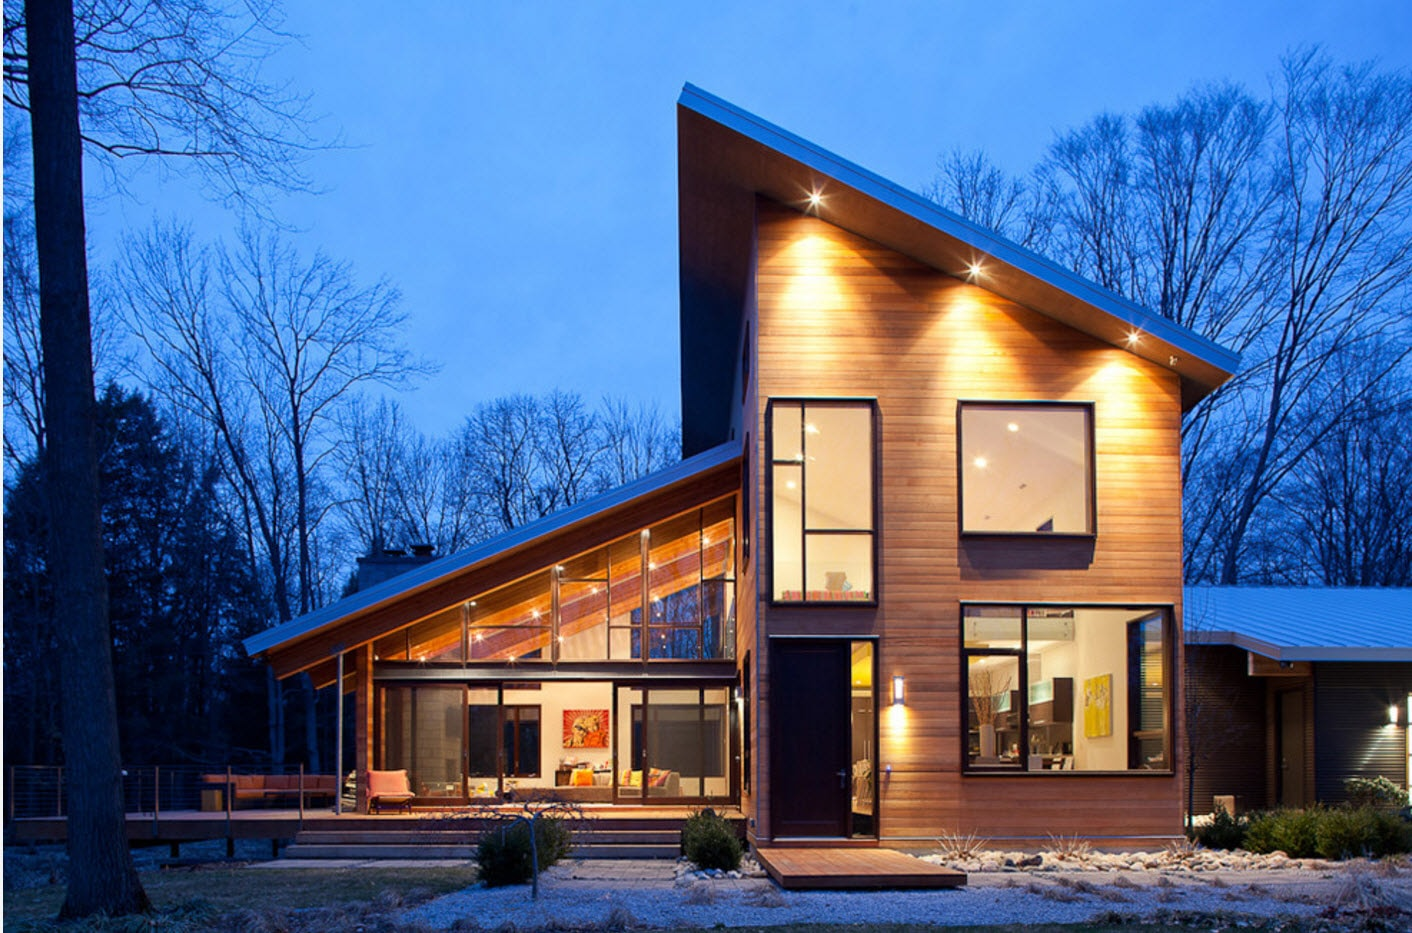 цените проекты разноуровневых домов фото имеют необычную